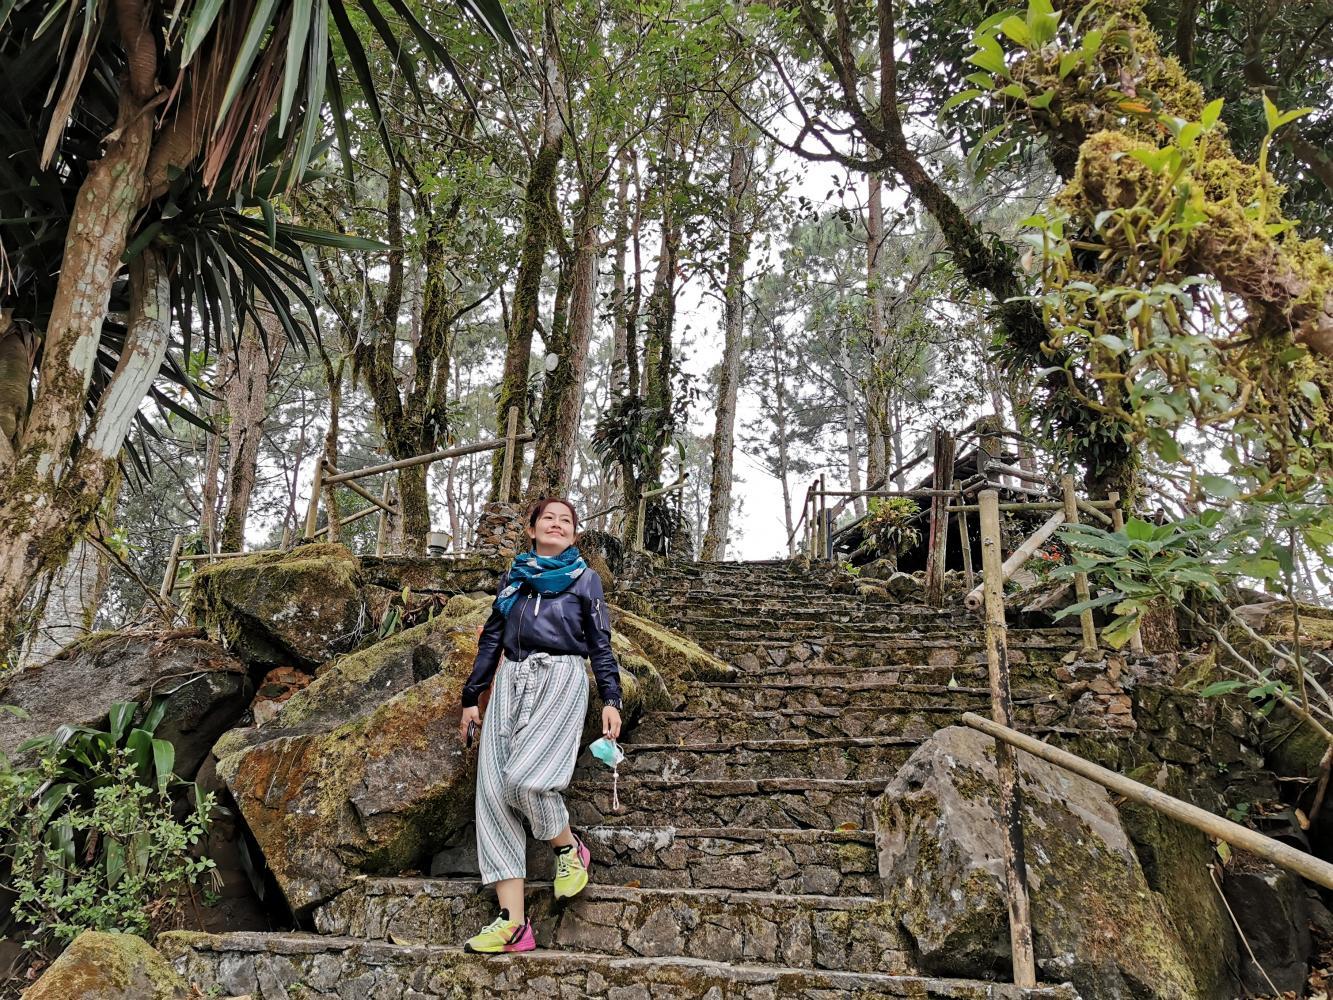 Một du khách đang ngắm cảnh tại vườn thực vật Mae Fah Luang ở Chiang Rai. Ảnh: Pongpet Mekloy/Bangkok Post